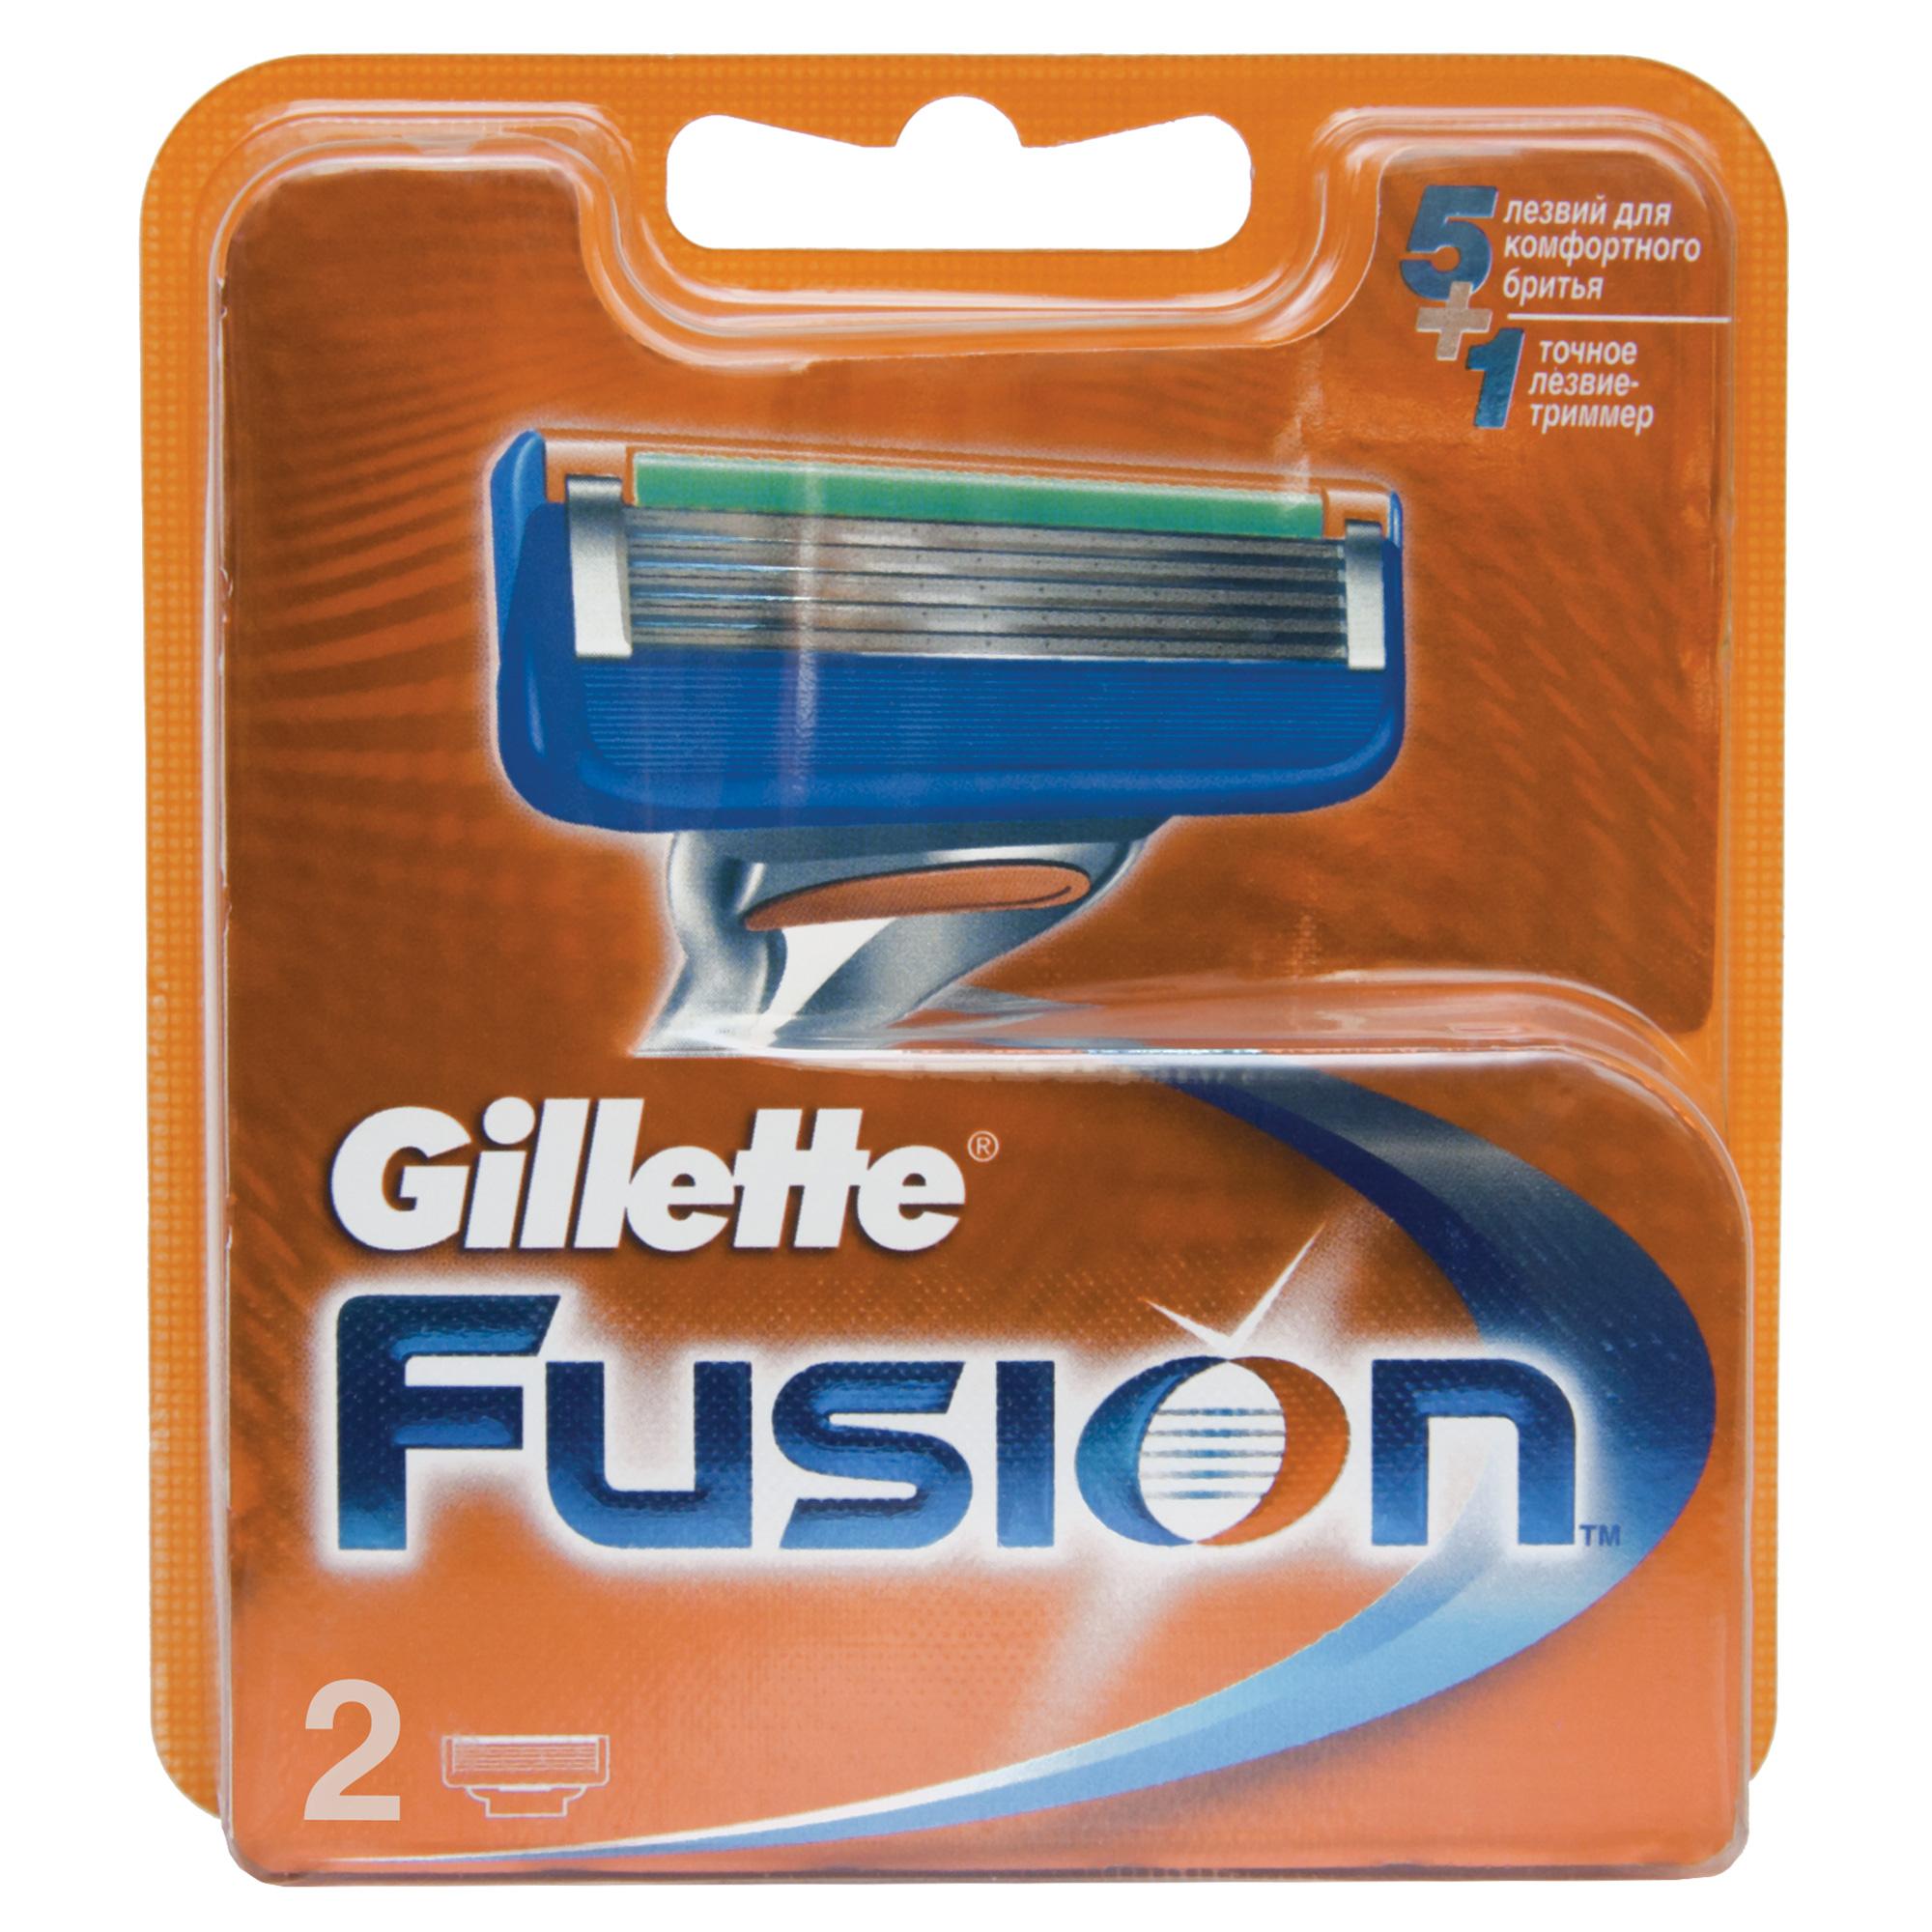 Сменные кассеты для бритья Gillette Fusion 2 шт<br>